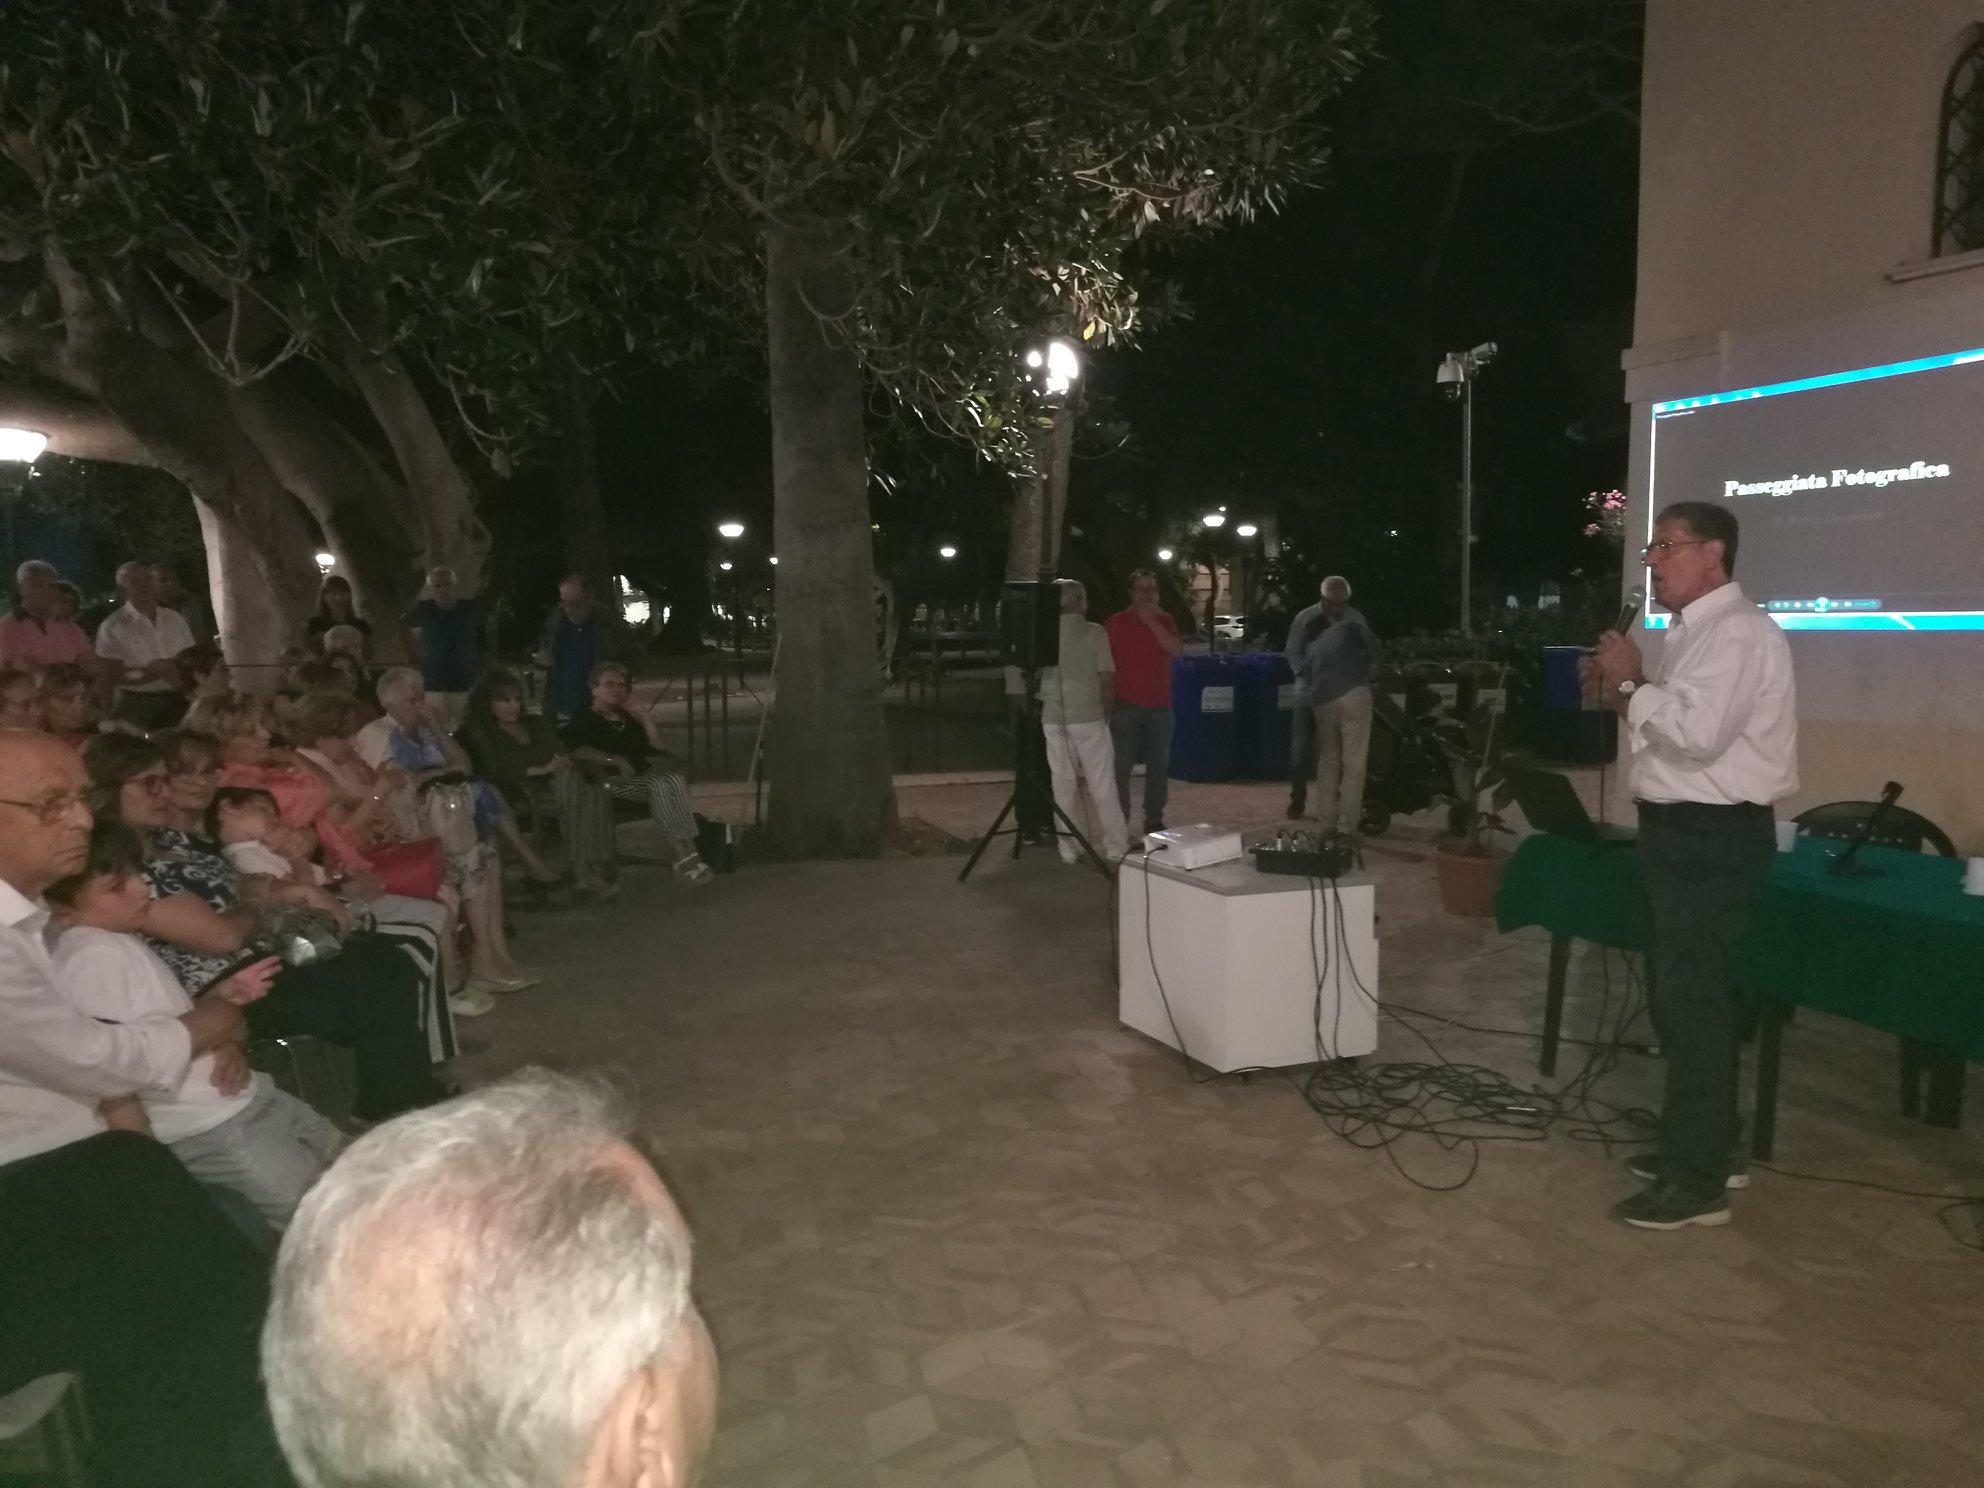 Istituto Euroarabo di Mazara, ieri sera sulla Terrazza dell'Alhambra il terzo appuntamento dellaRassegna estiva di Incontri culturali